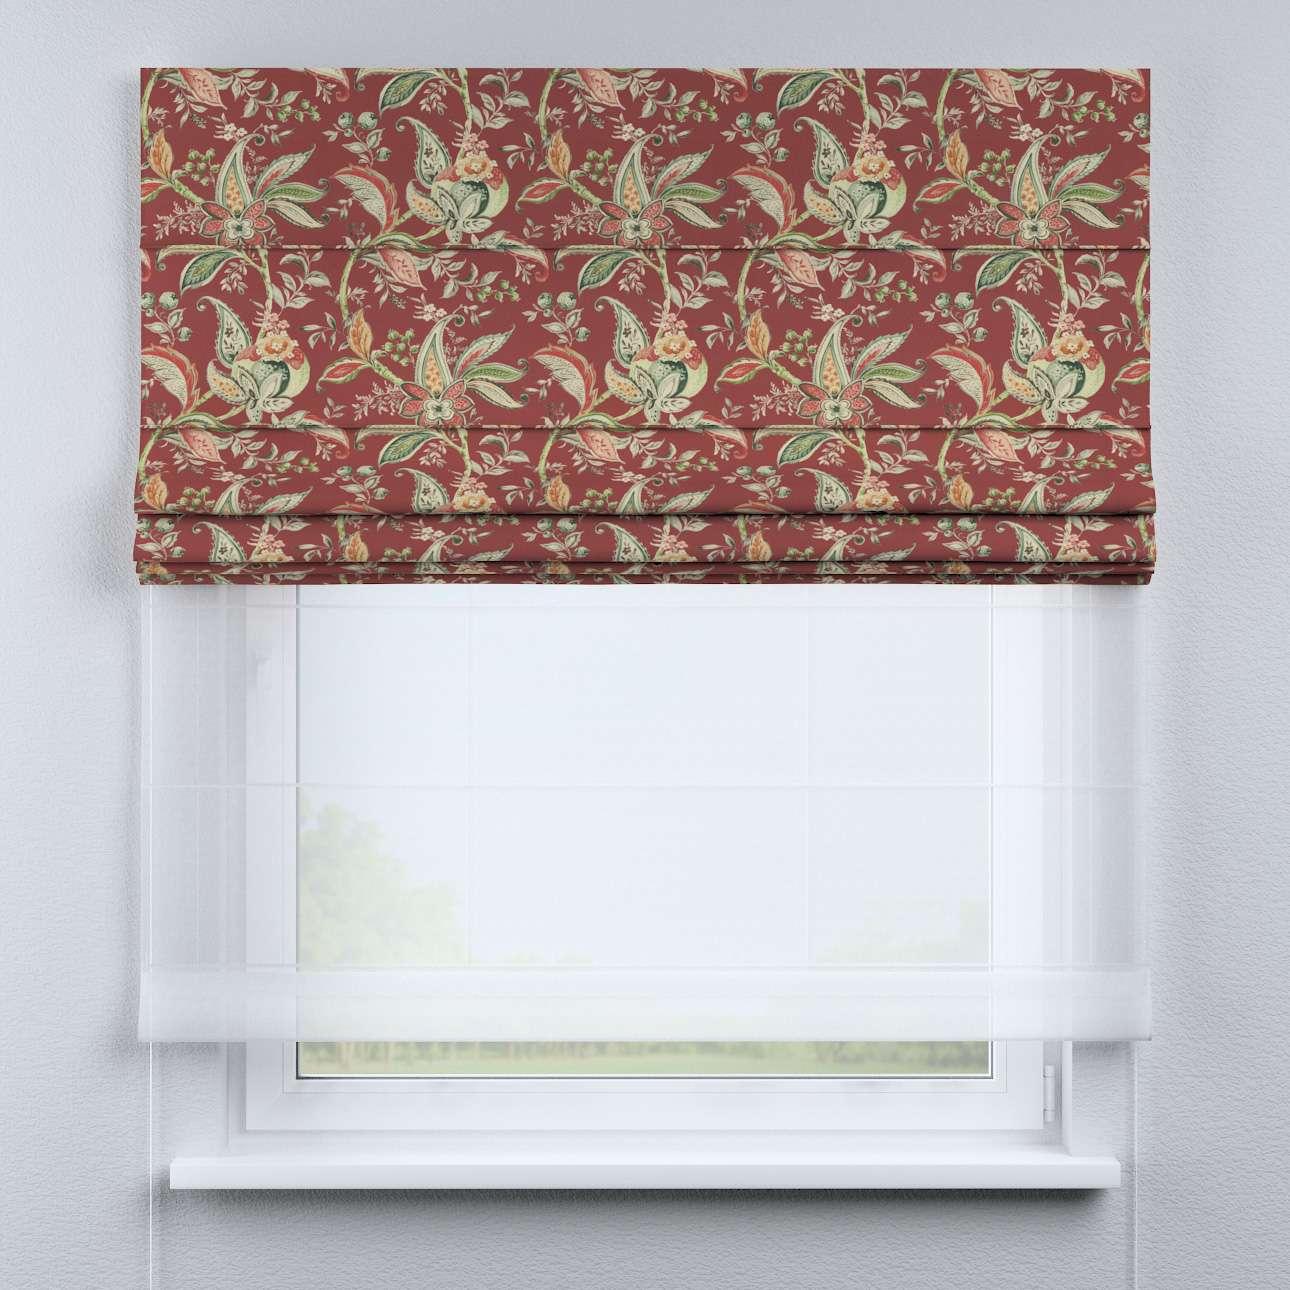 Roleta rzymska Duo 130×170cm w kolekcji Gardenia, tkanina: 142-12